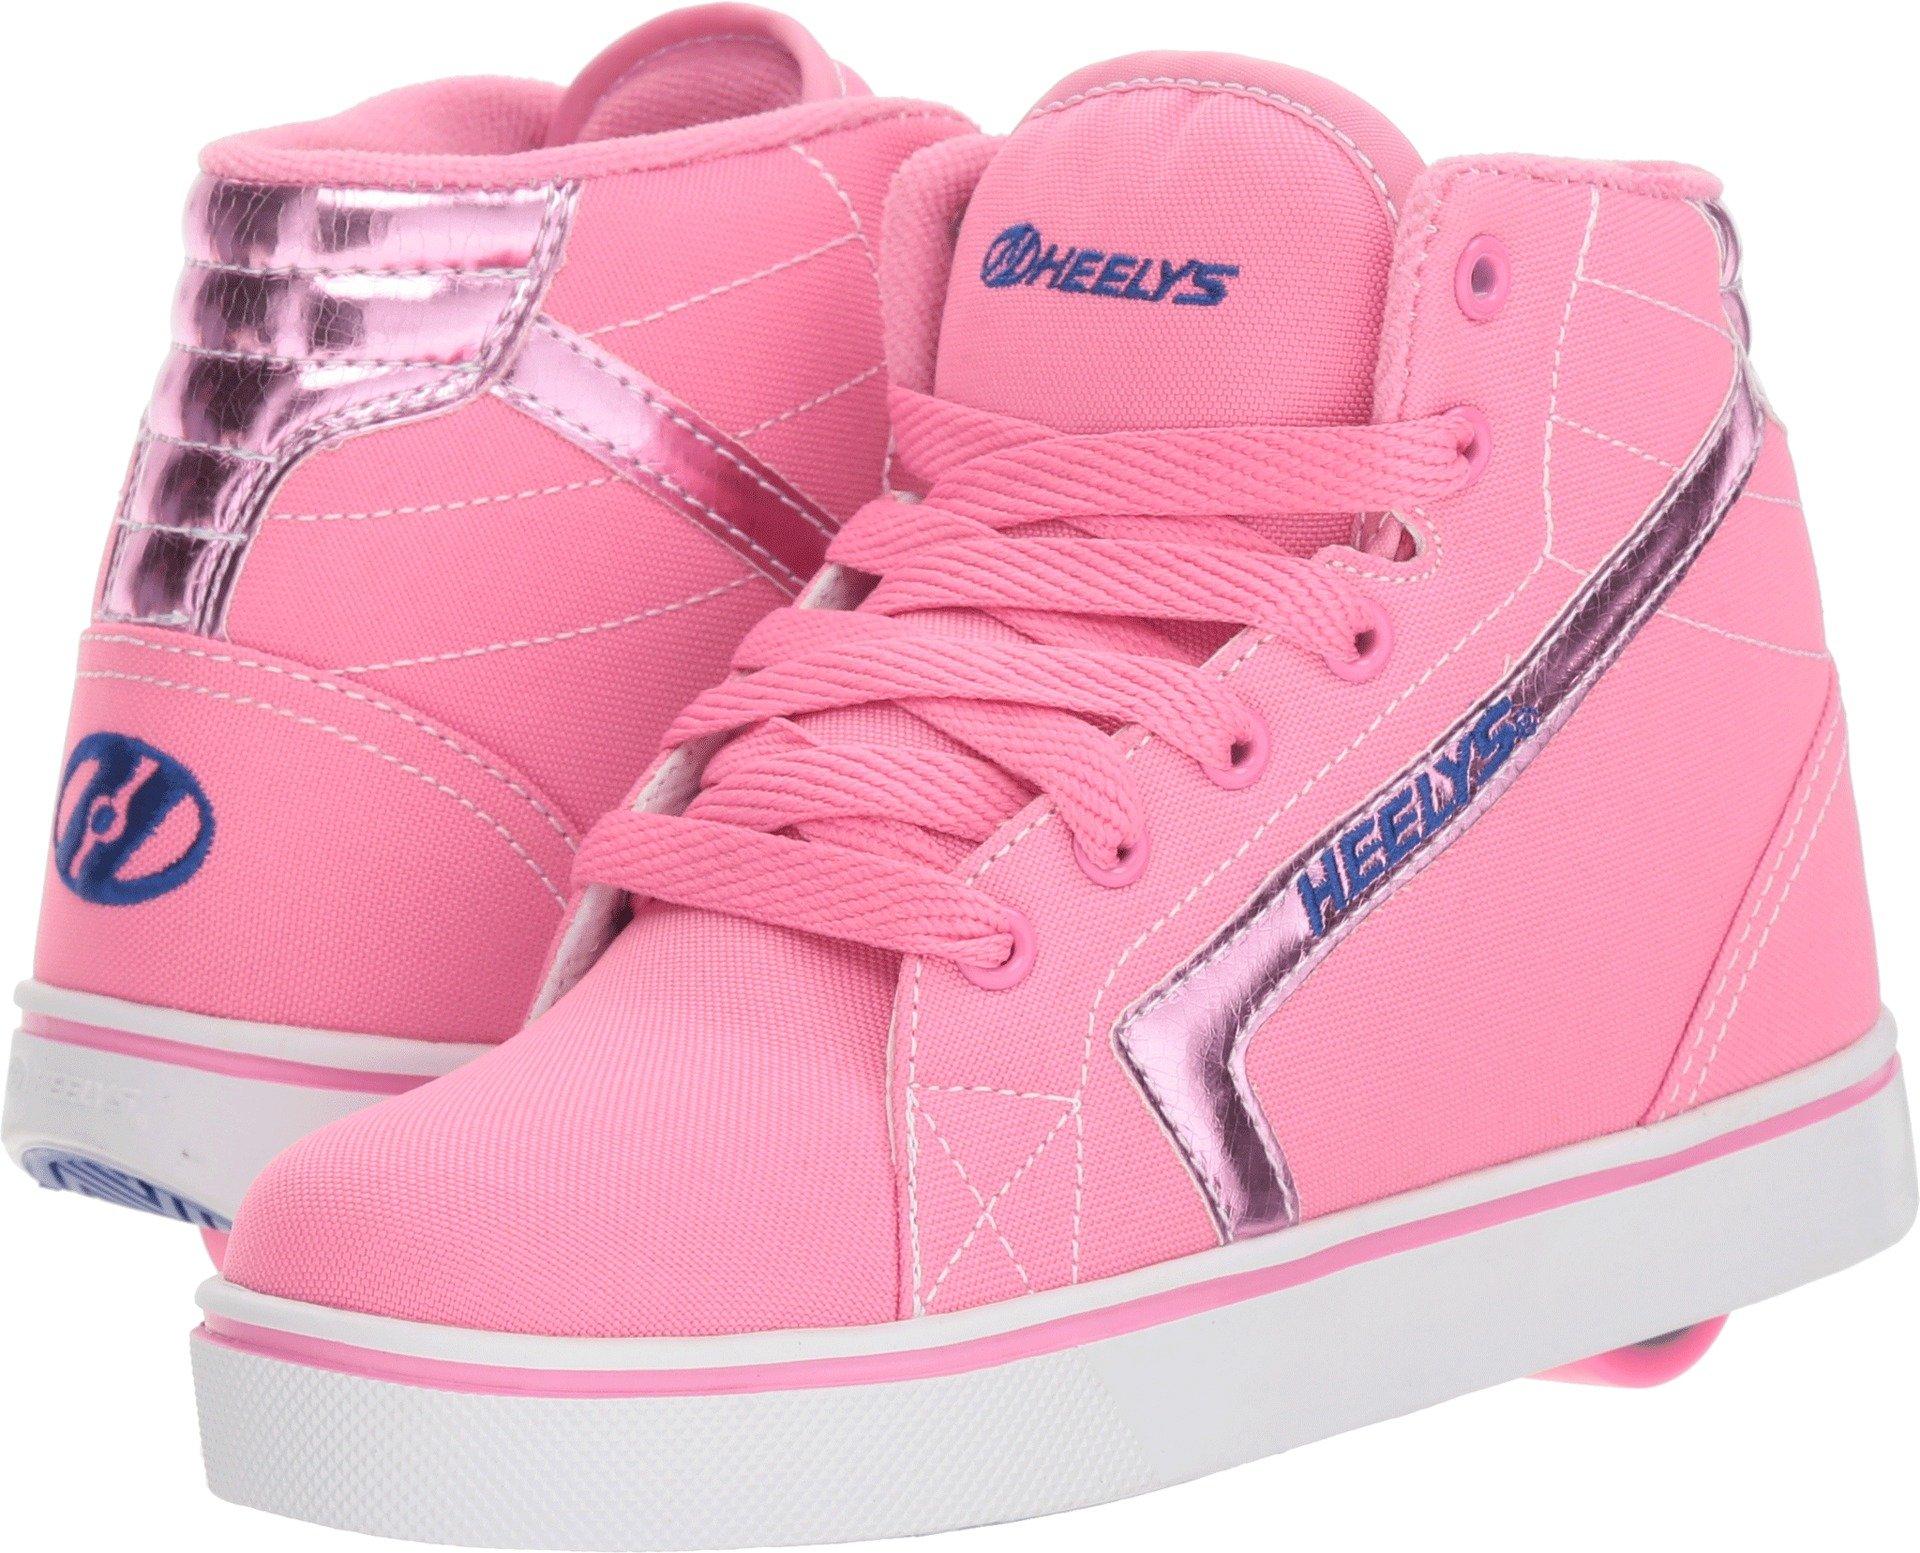 Heelys Girl's GR8R Hi (Little Kid/Big Kid/Adult) Light Pink/Pink Hologram/Blue 7 M US M